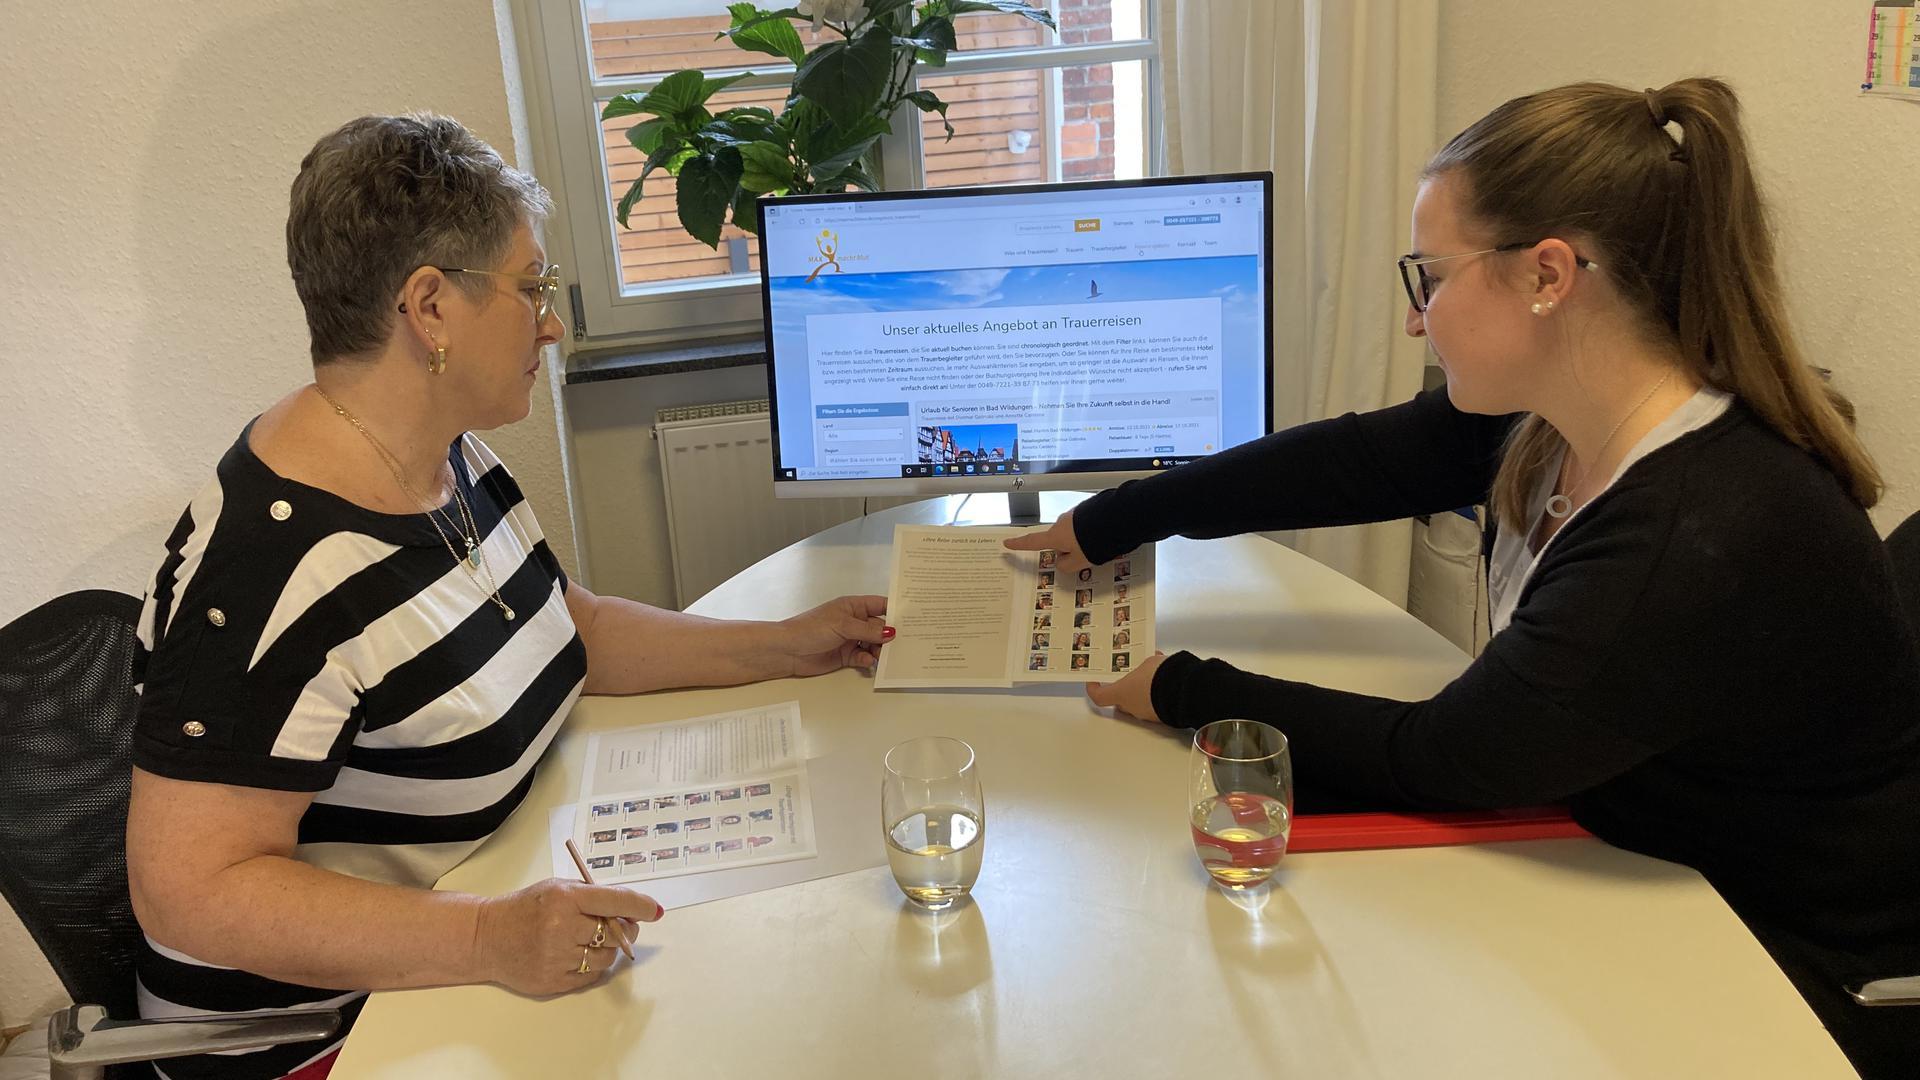 Zwei Frauen an einem Schreibtisch mit Bildschirm